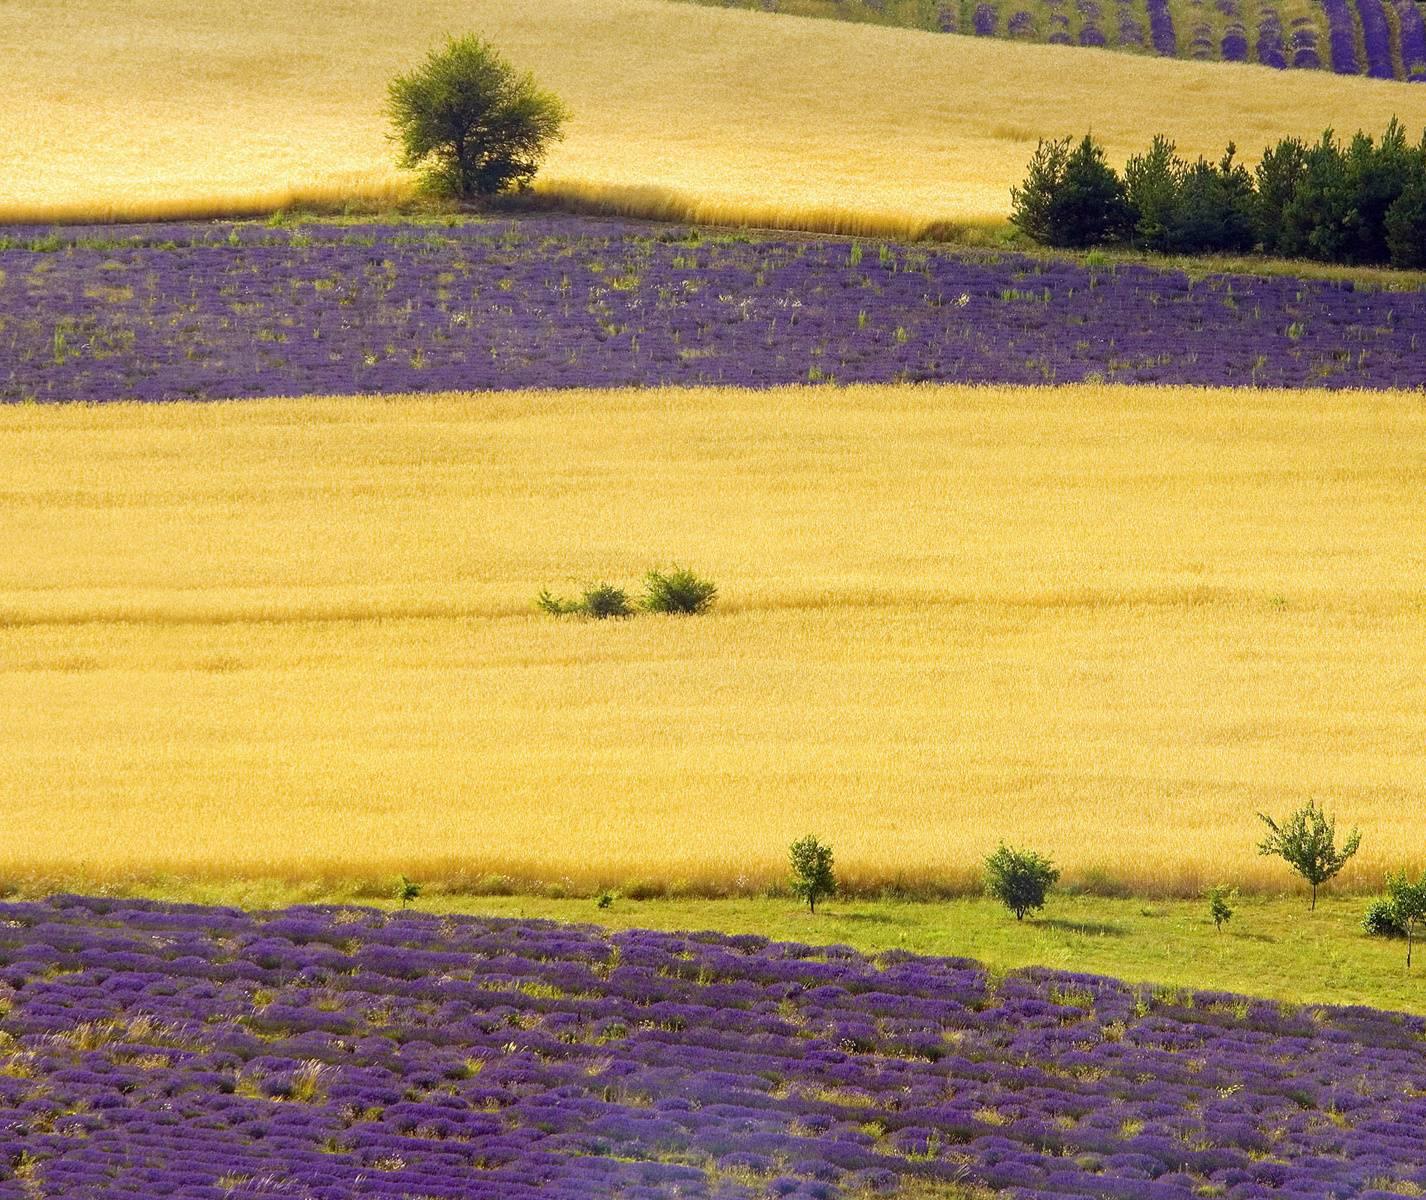 Htc Field View Hd